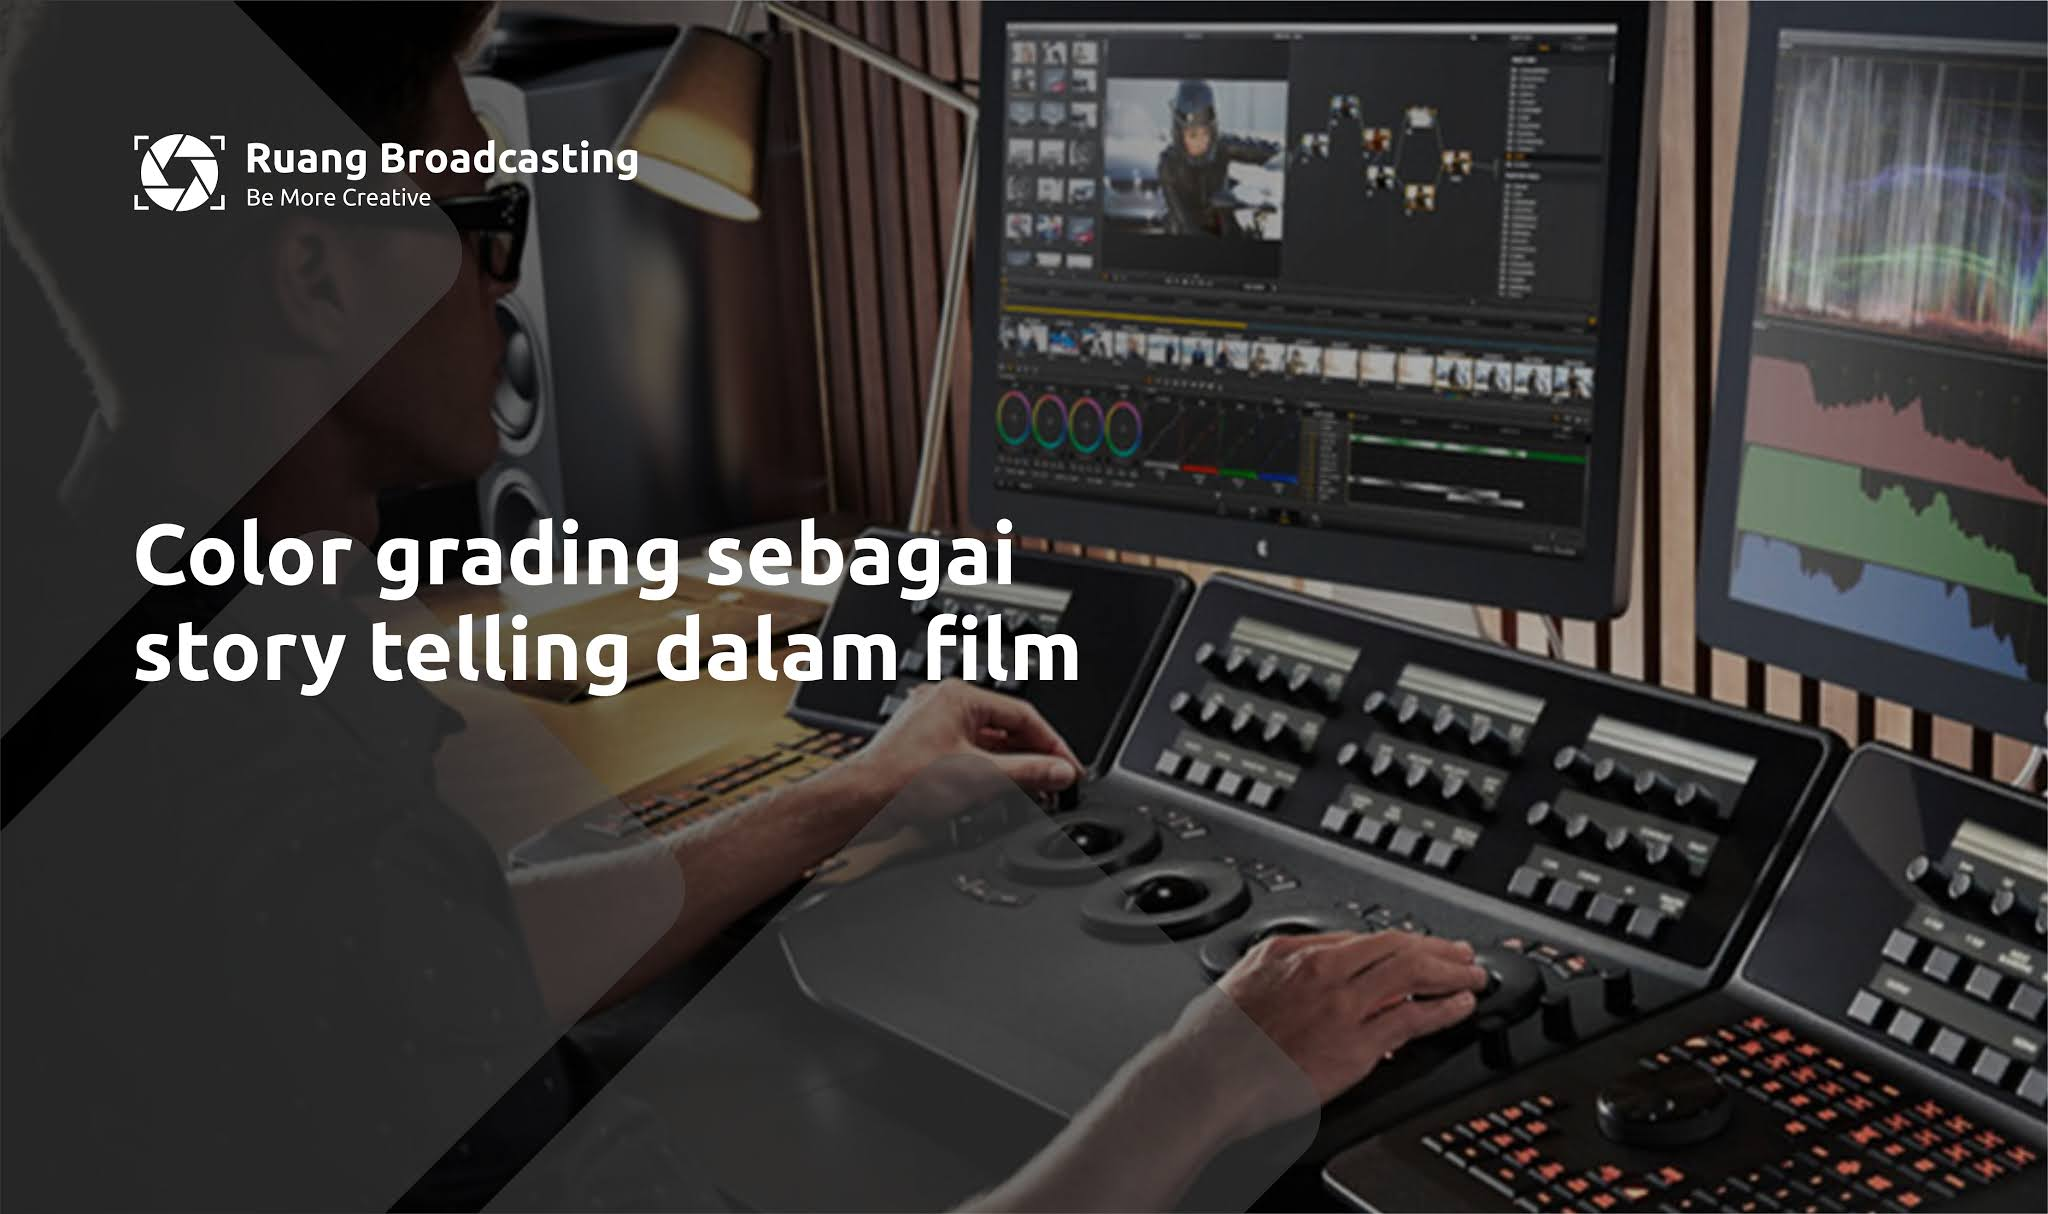 Color grading sebagai story telling dalam film